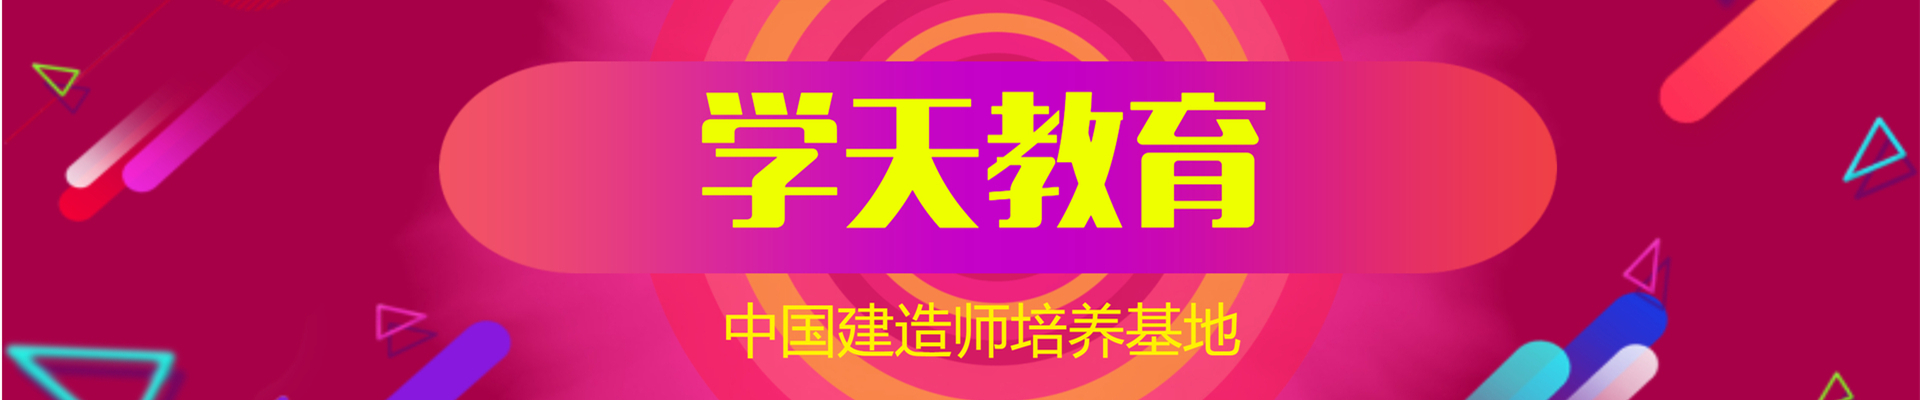 浙江宁波学天教育培训